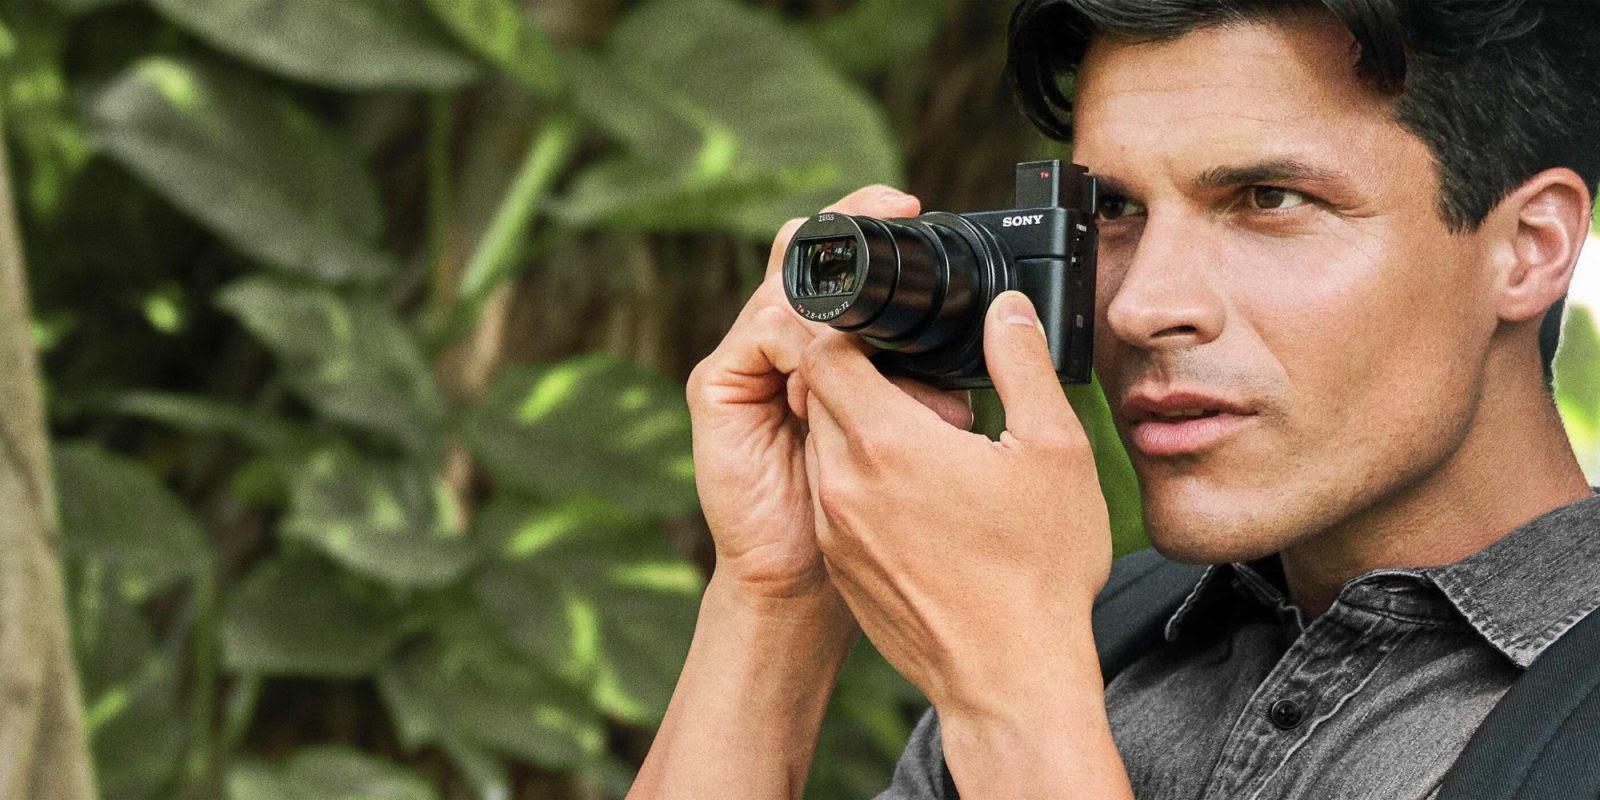 """Loạt máy ảnh đáng đầu tư cho những chuyến du lịch đạt chuẩn """"sang chảnh"""" - Ảnh 5."""